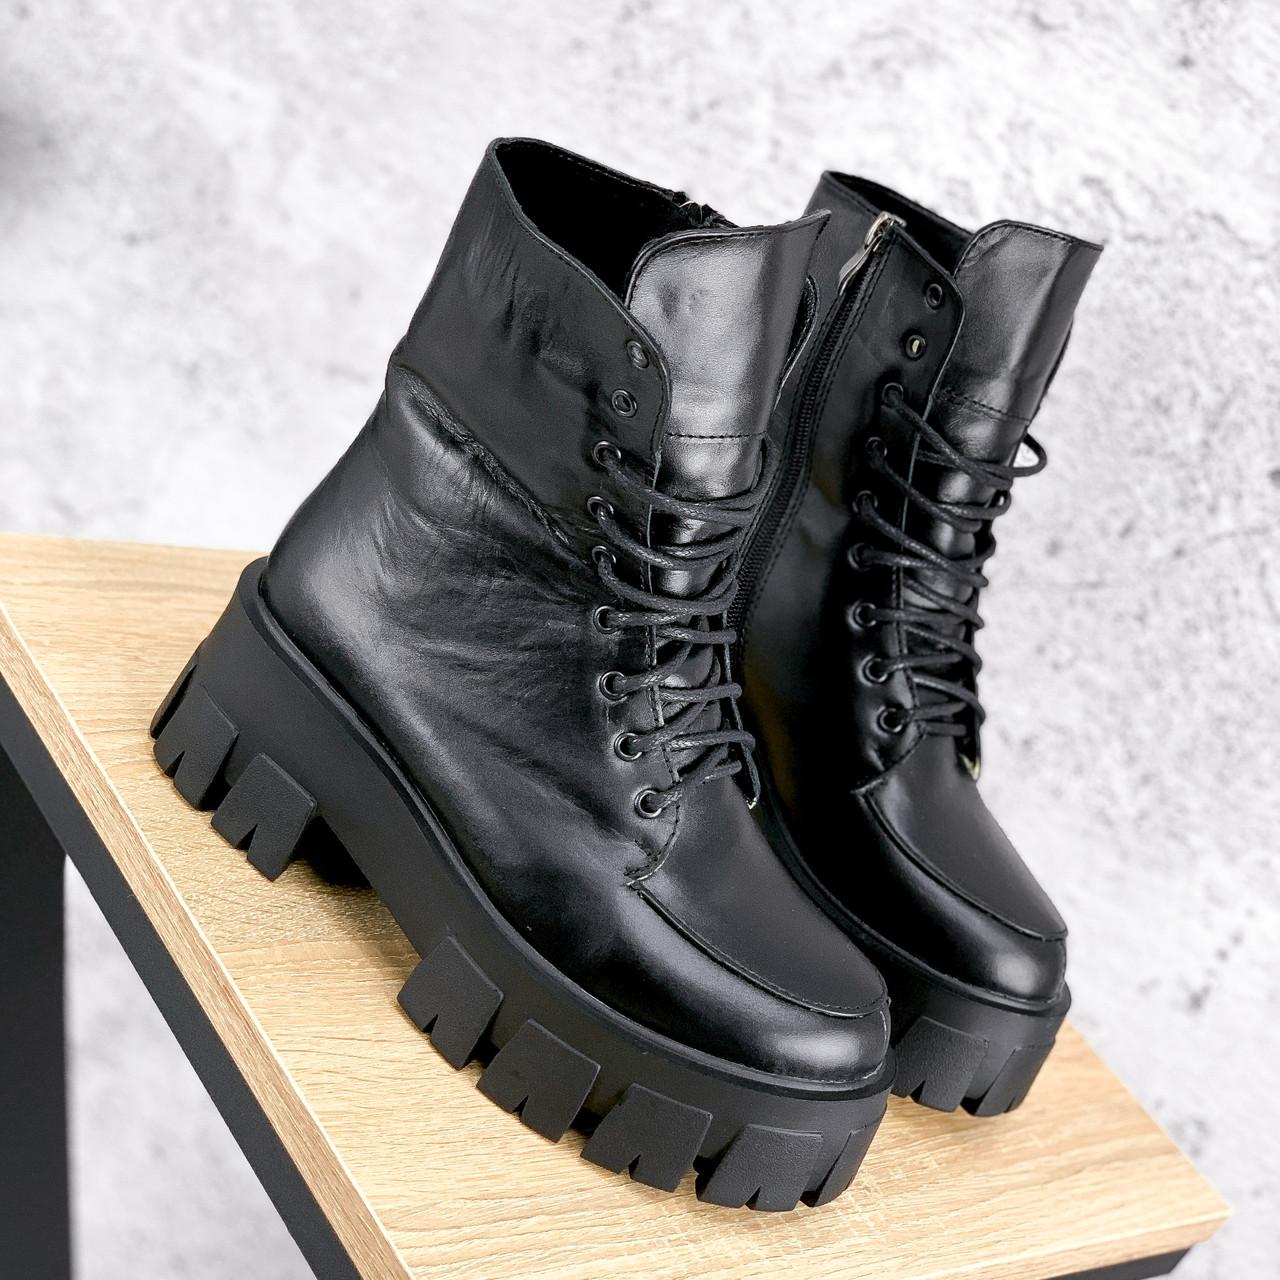 Ботинки женские Joanna черные ЗИМА 2473